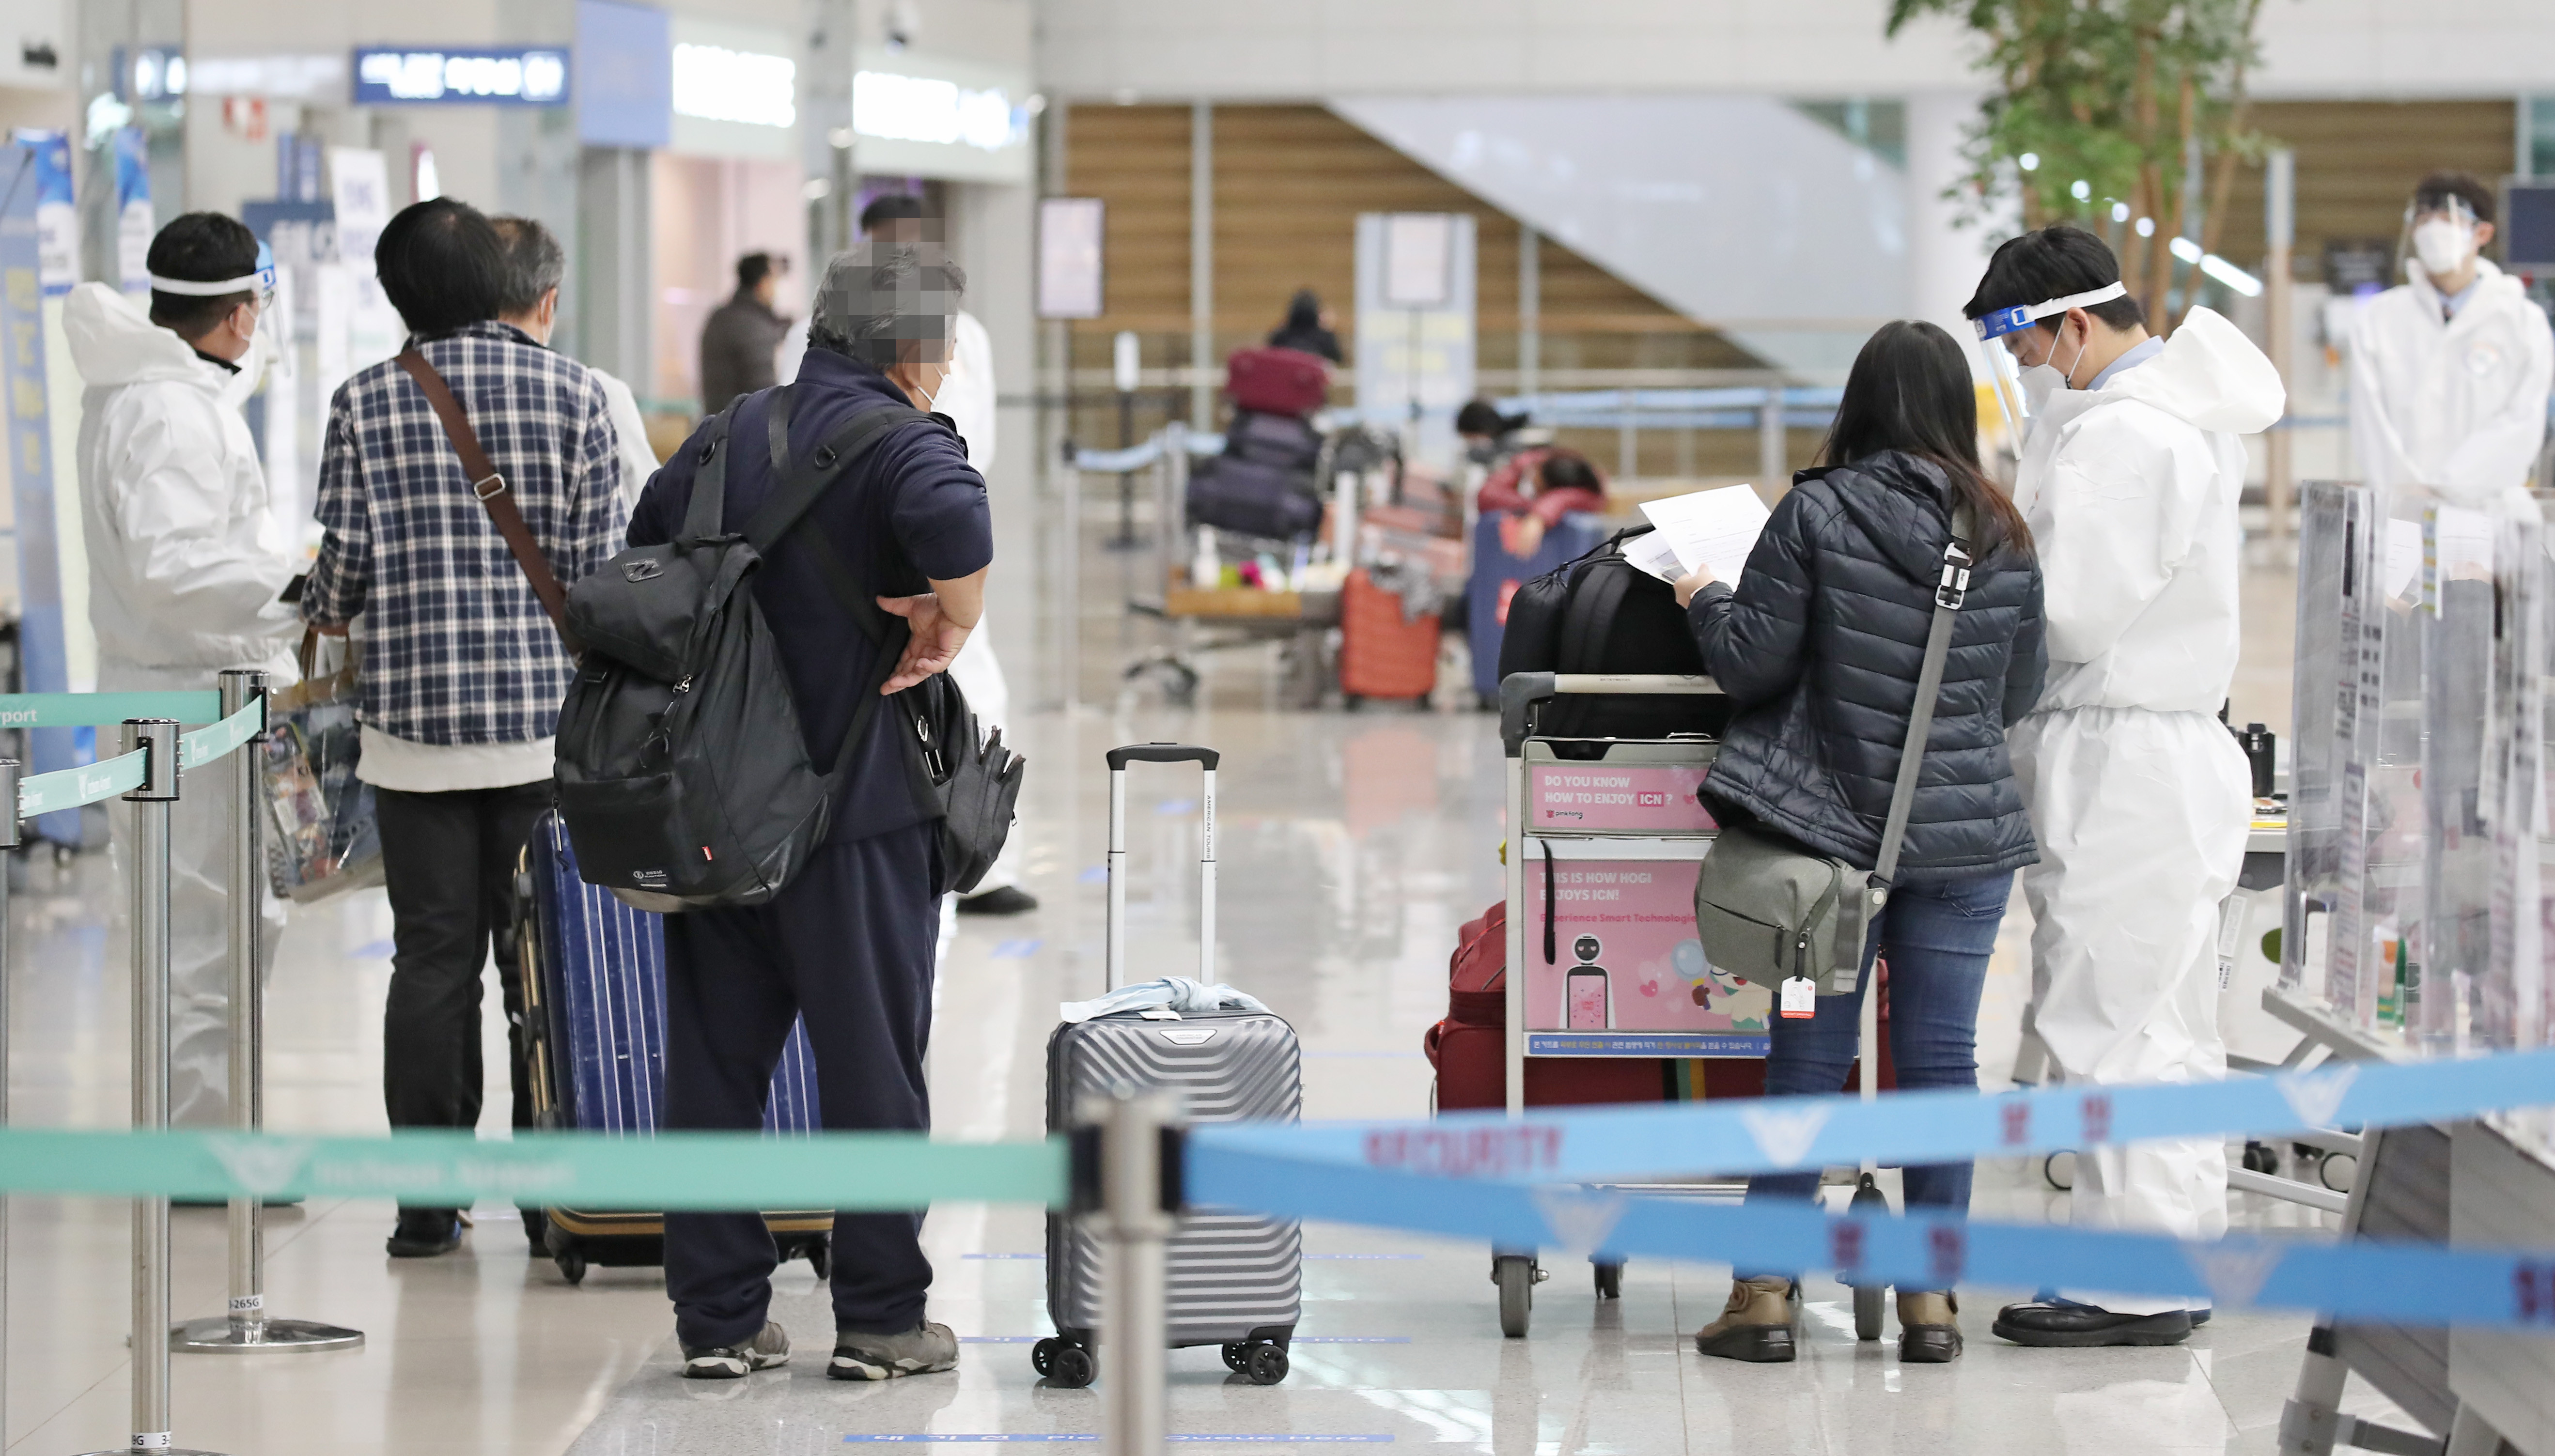 ▲▼南韓出現來自印度的「雙重突變」新冠變種病毒感染者,圖為仁川國際機場。(圖/達志影像)